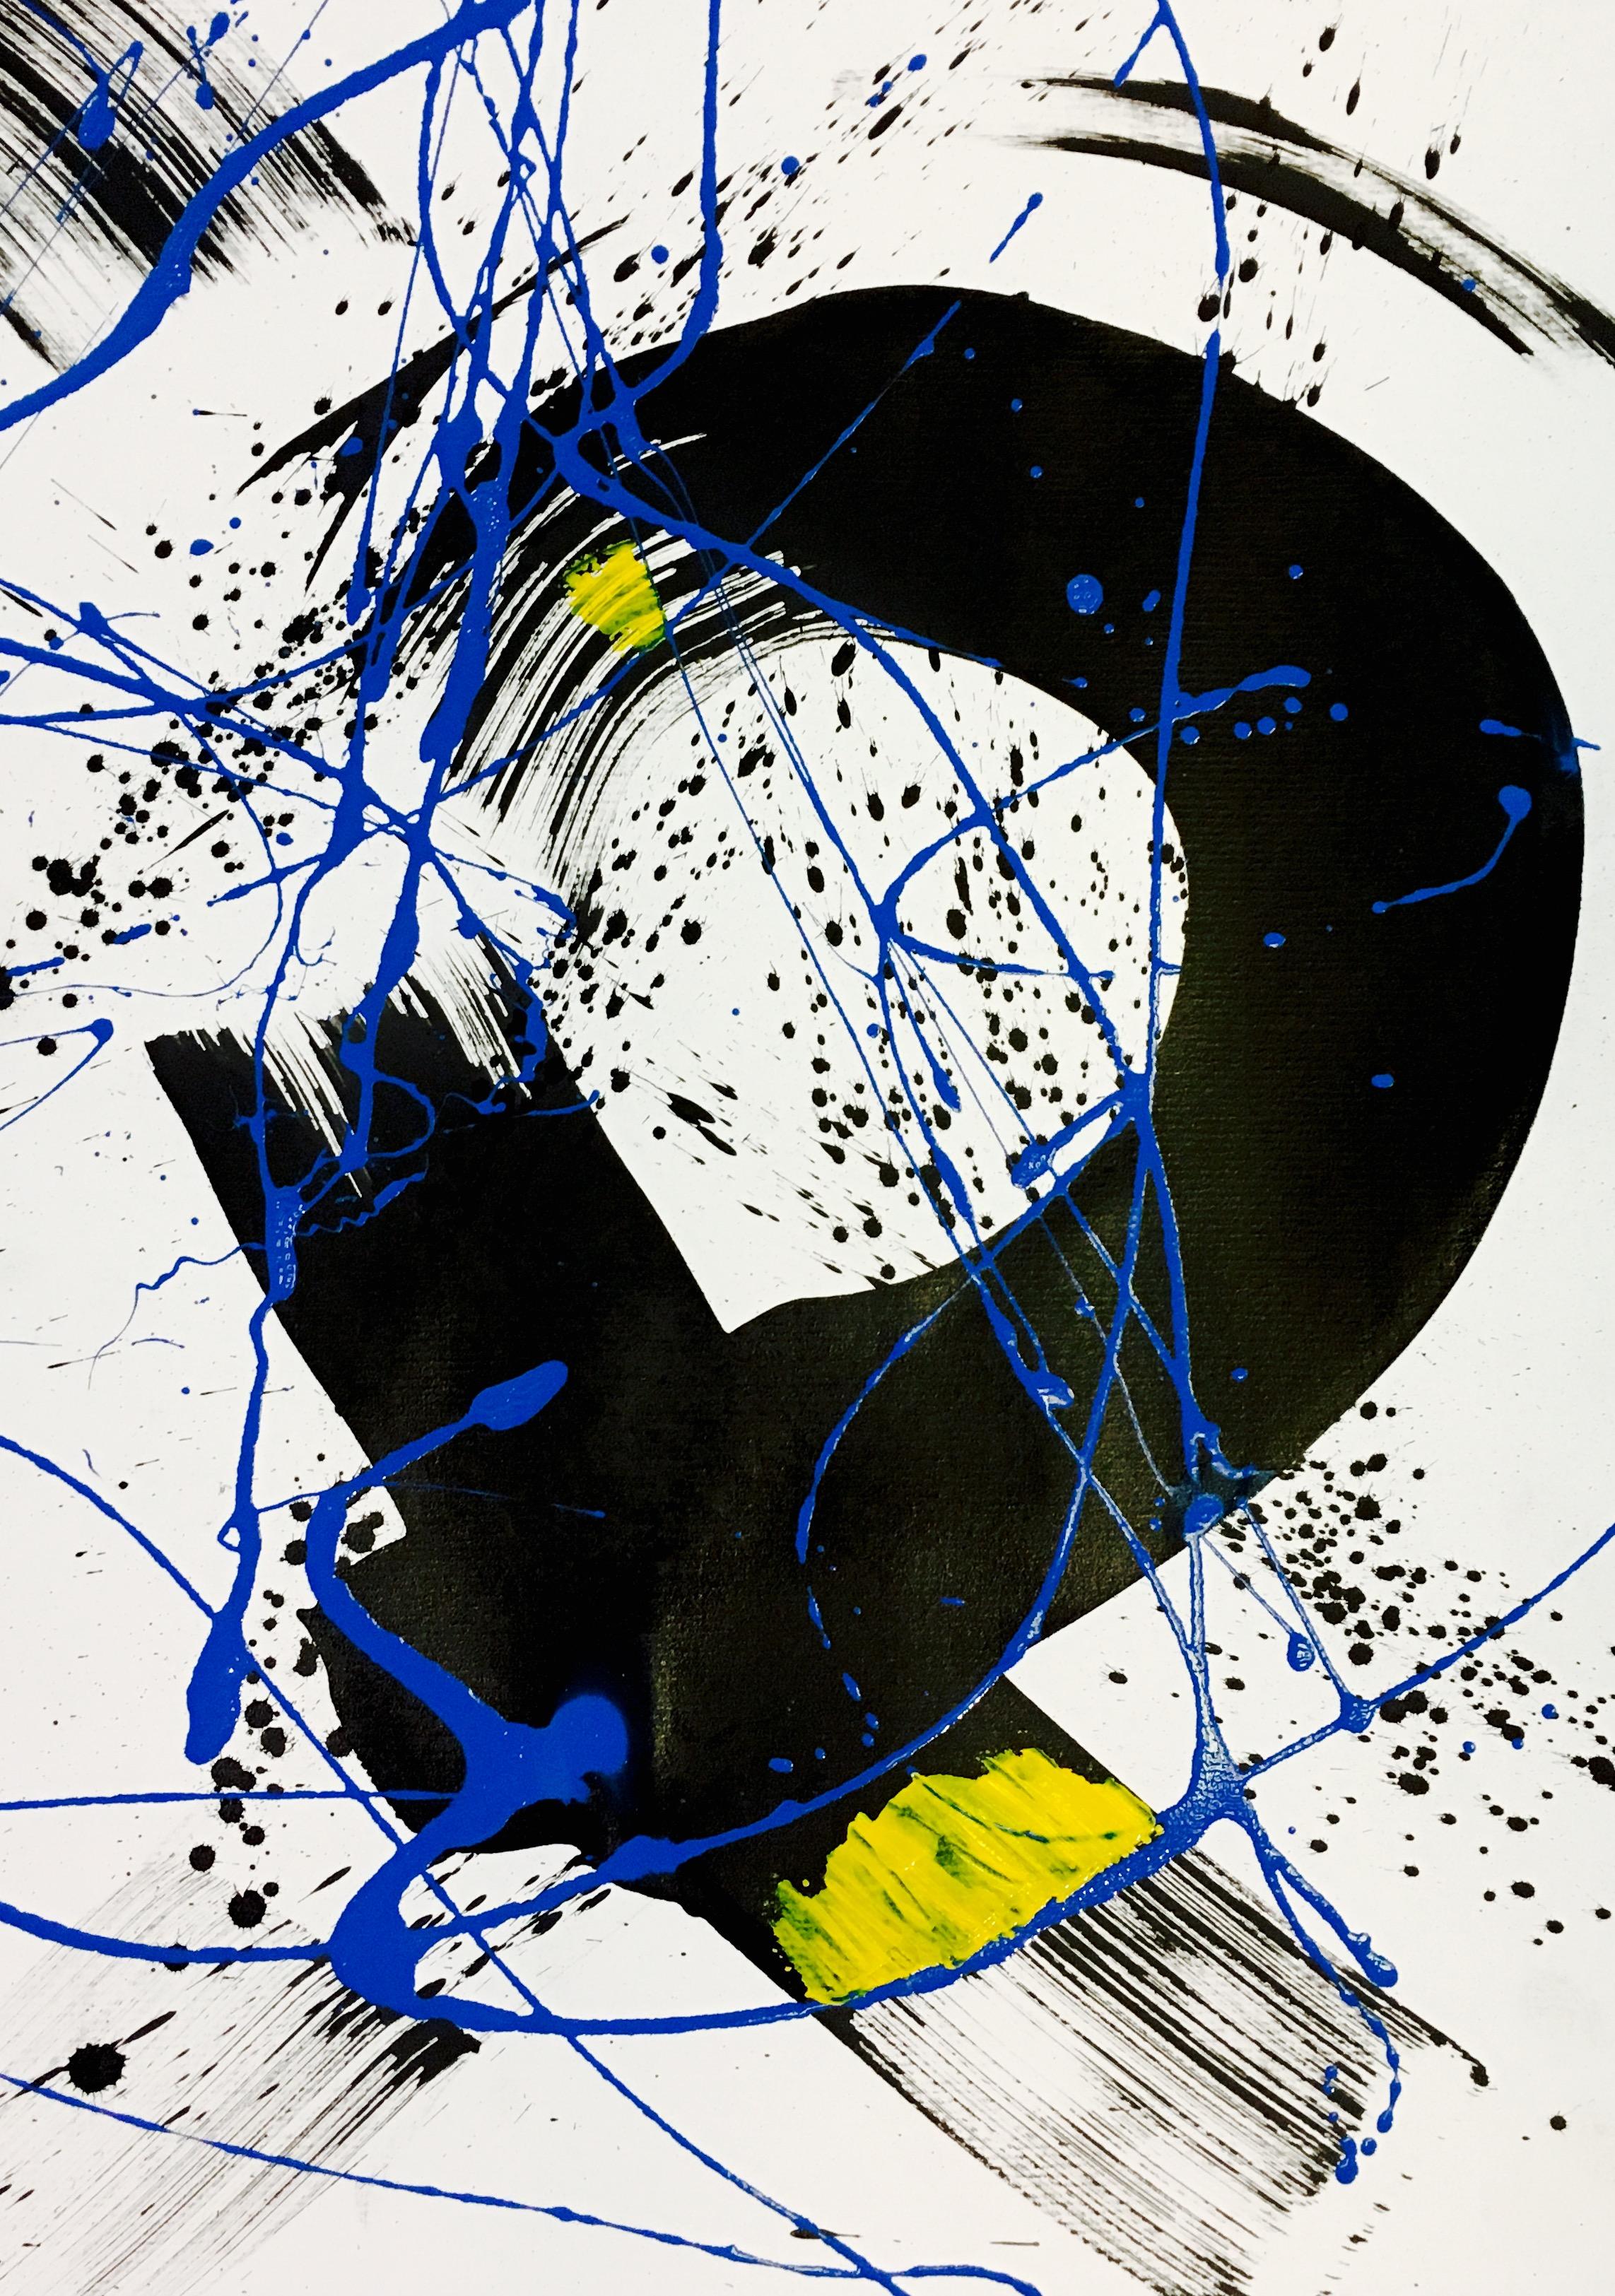 Broken Chains_35x50 (6)